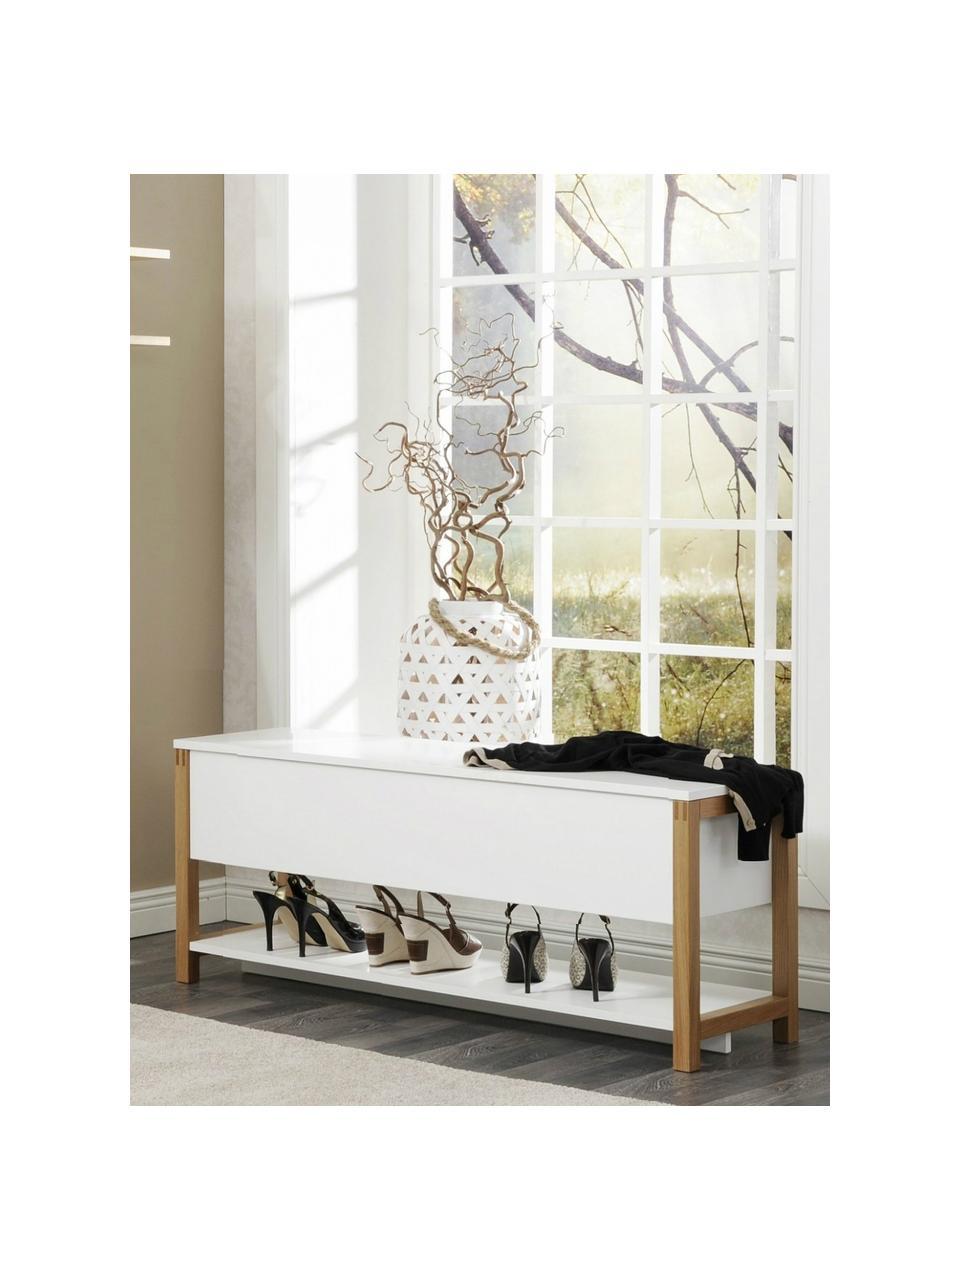 Ławka z miejscem do przechowywania Northgate Flip, Biały, S 120 x W 48 cm